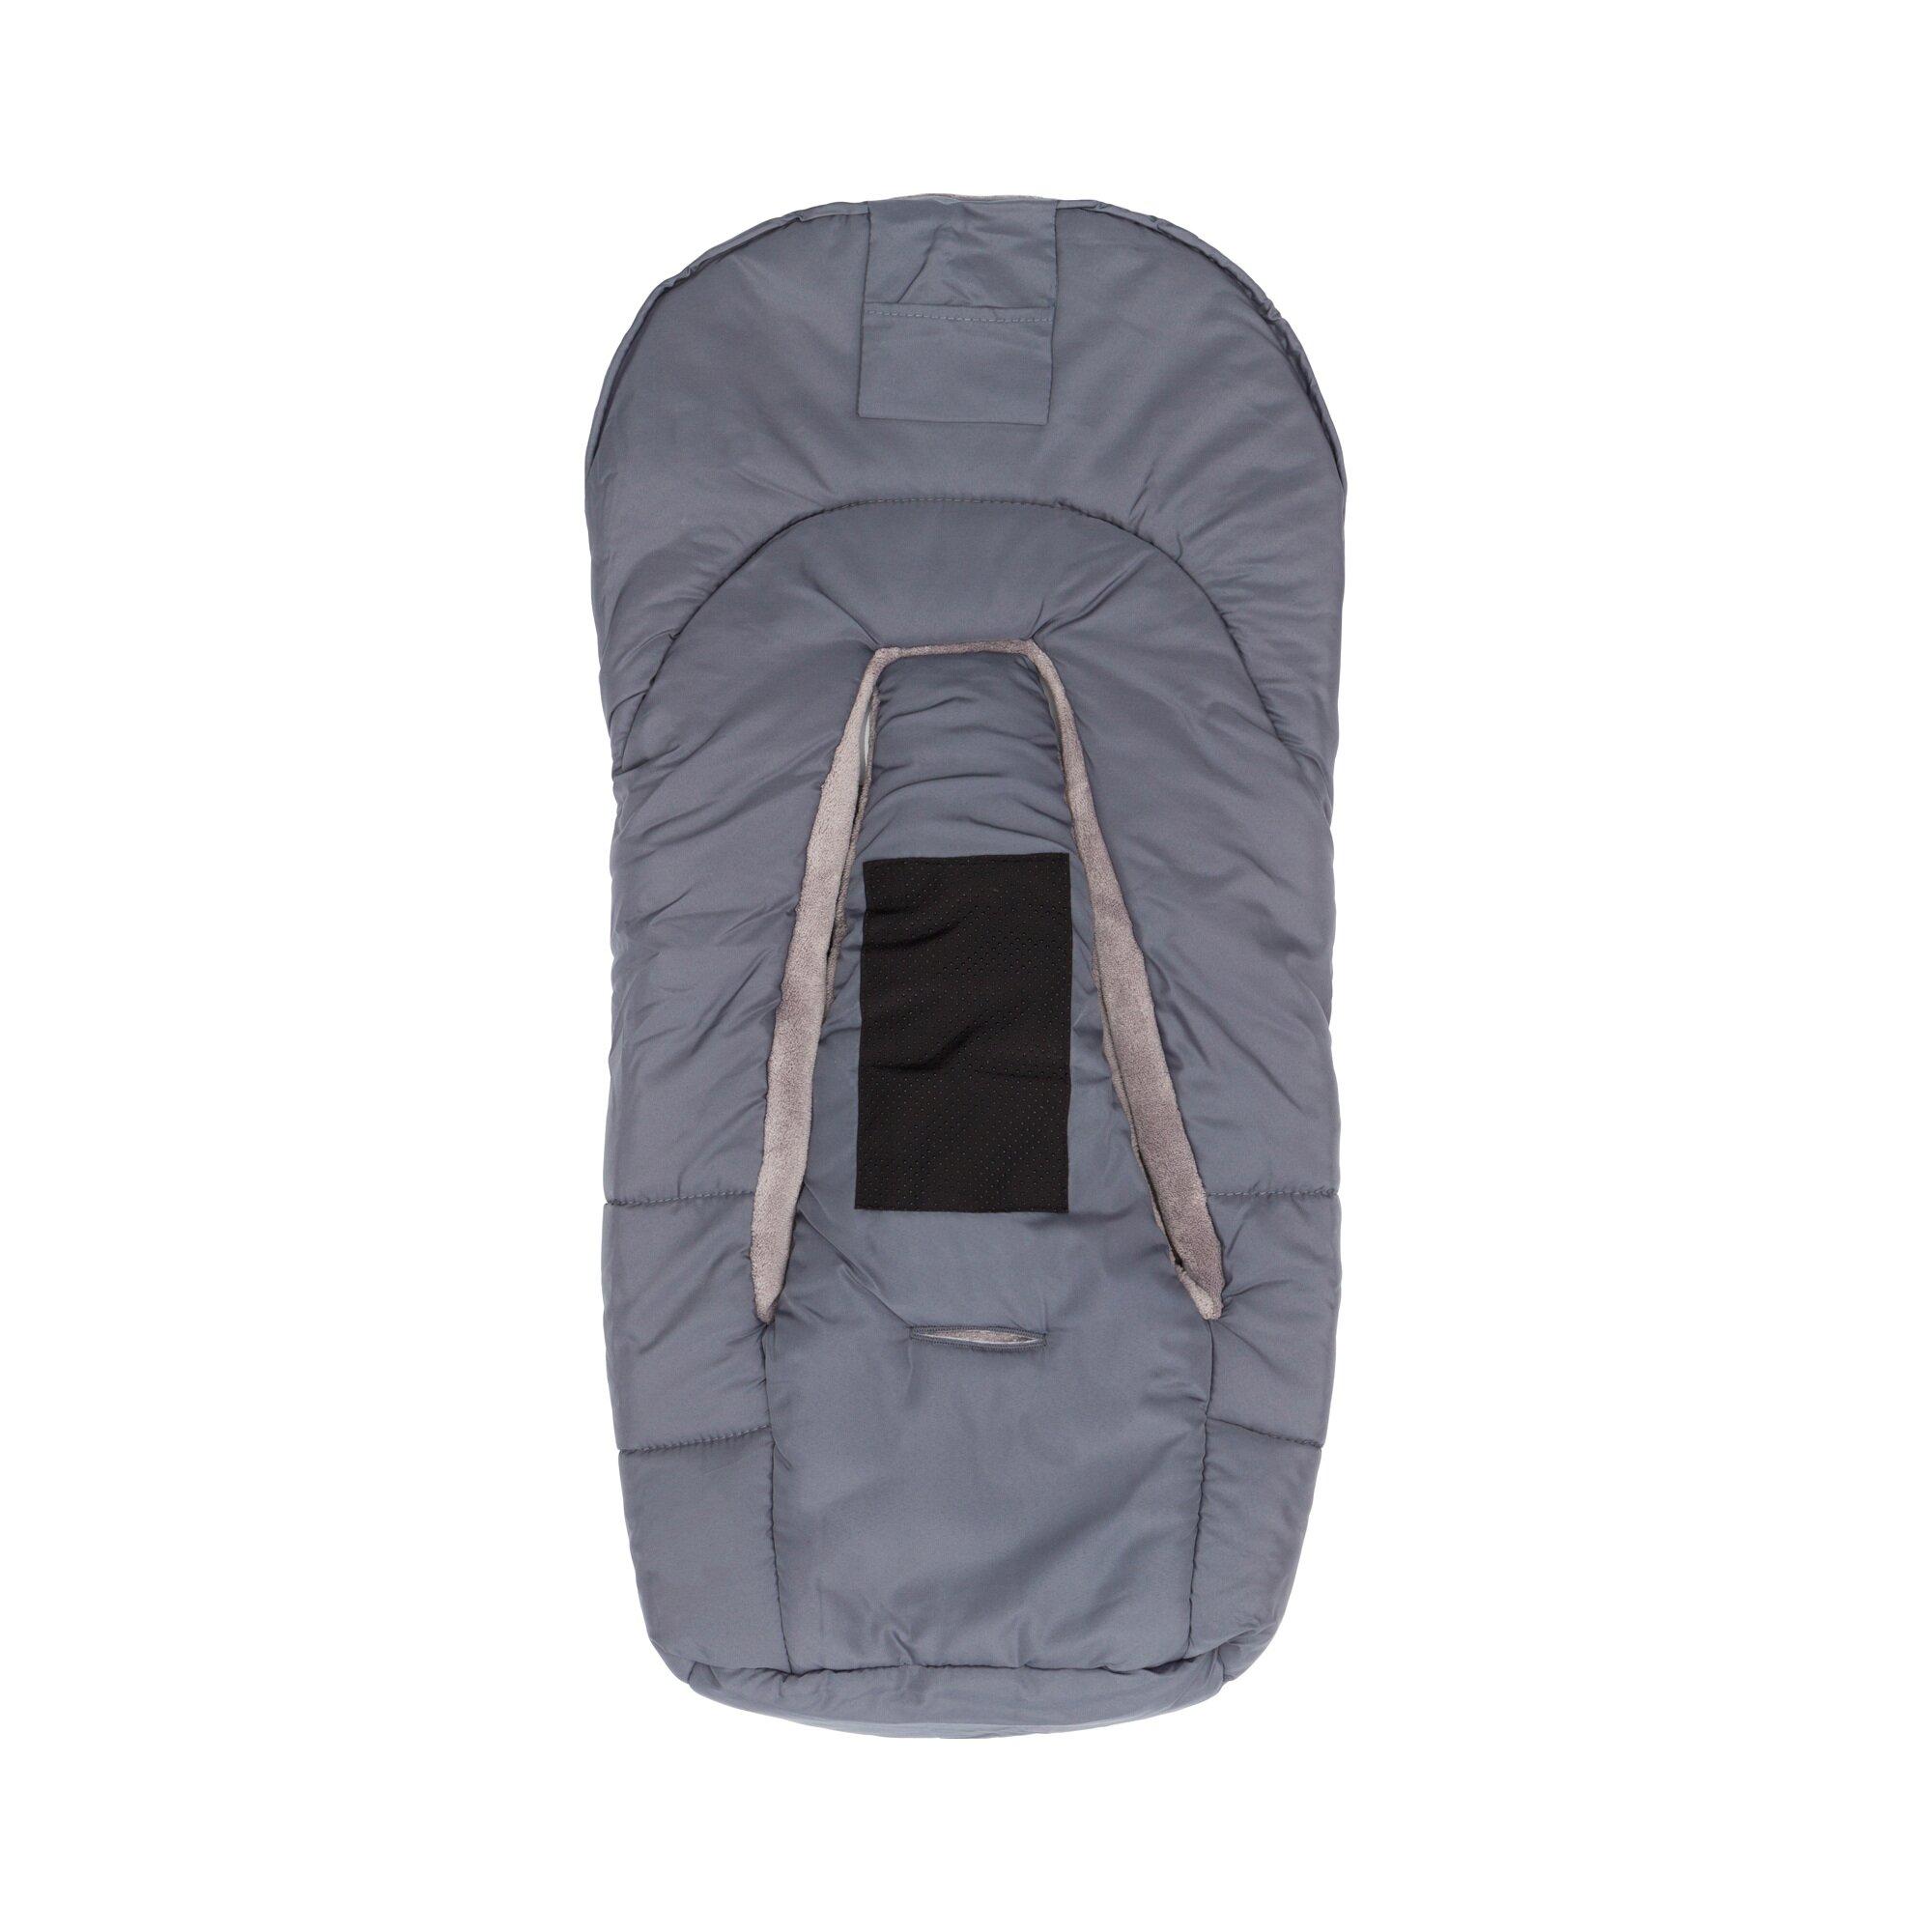 babycab-winter-fu-sack-eiger-fur-babyschale-tragewanne-grau